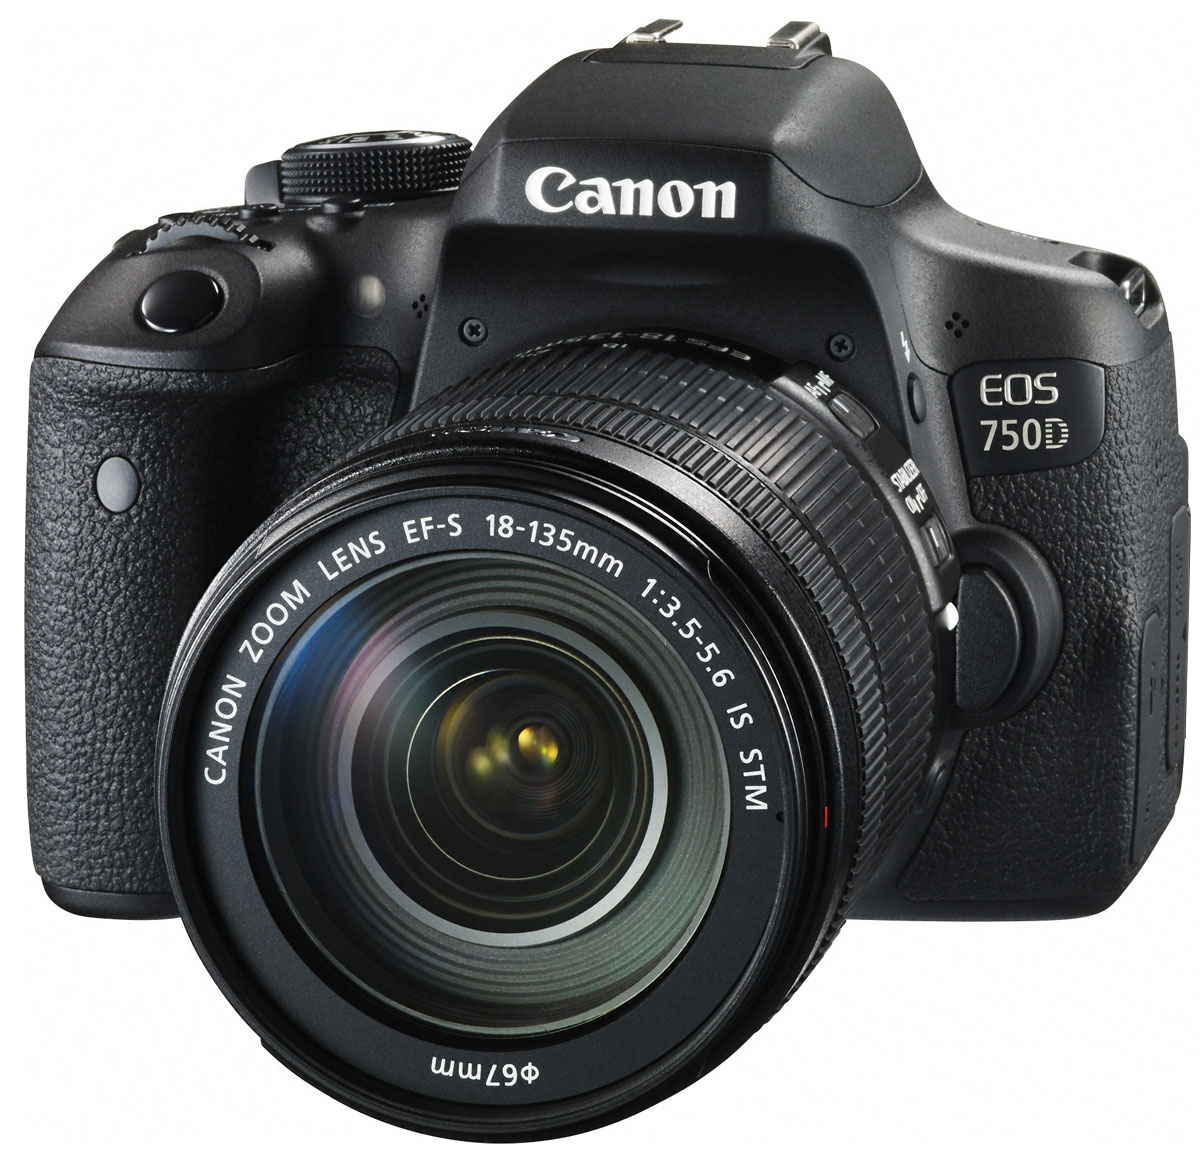 Canon EOS 750D Kit 18-135 IS STM, Black цифровая зеркальная фотокамера - Зеркальные фотоаппараты